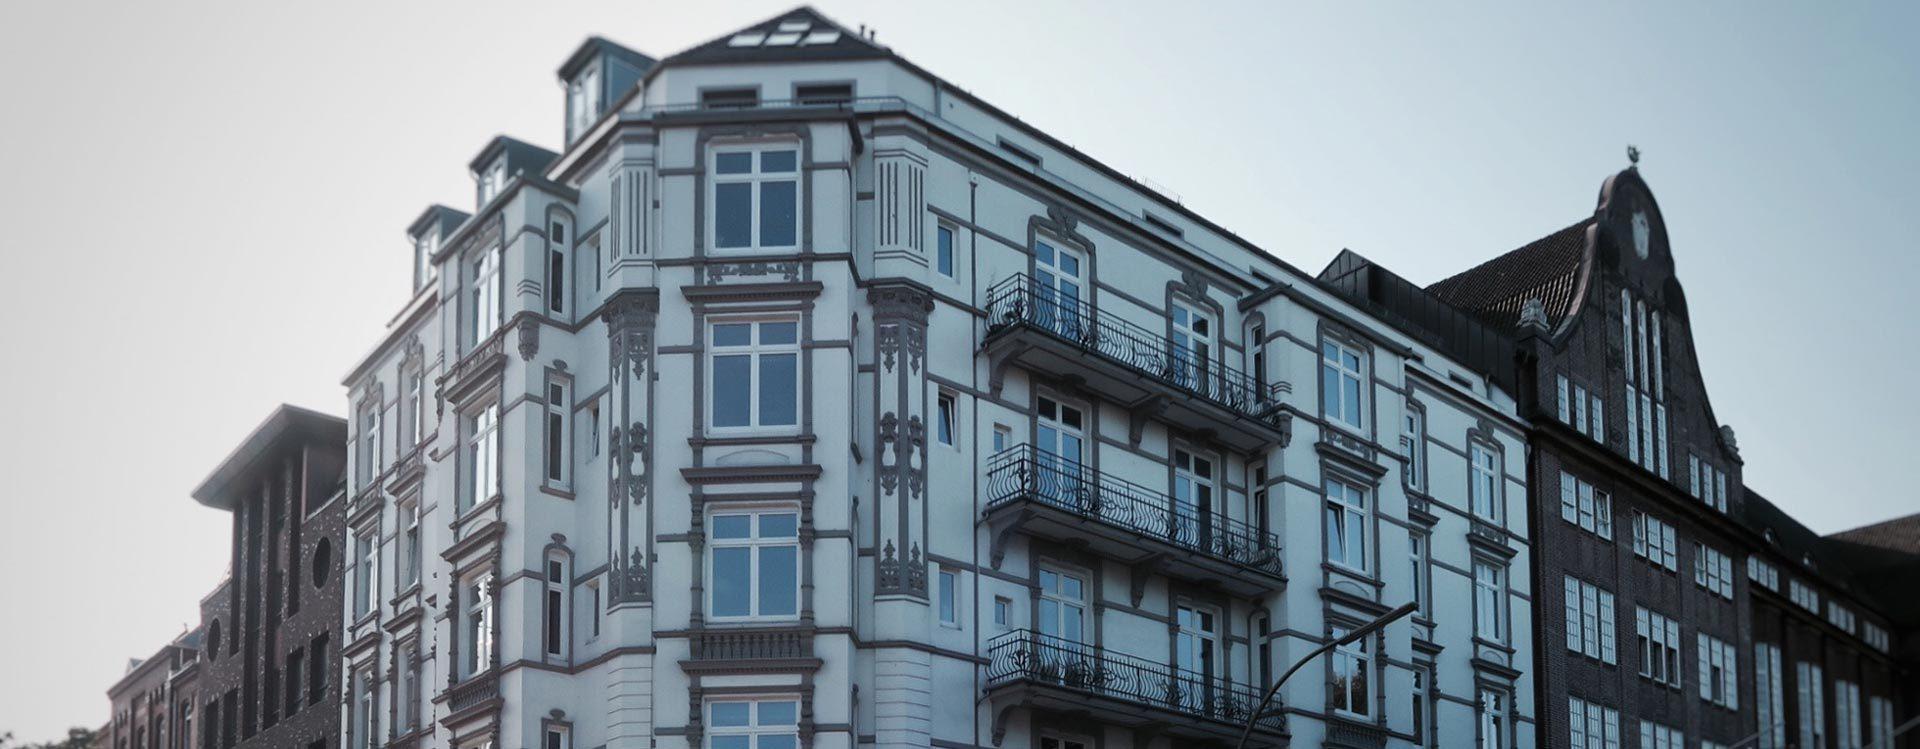 Kanzlei | Strafverteidiger Hamburg am Holstenwall 10 20355 Hamburg